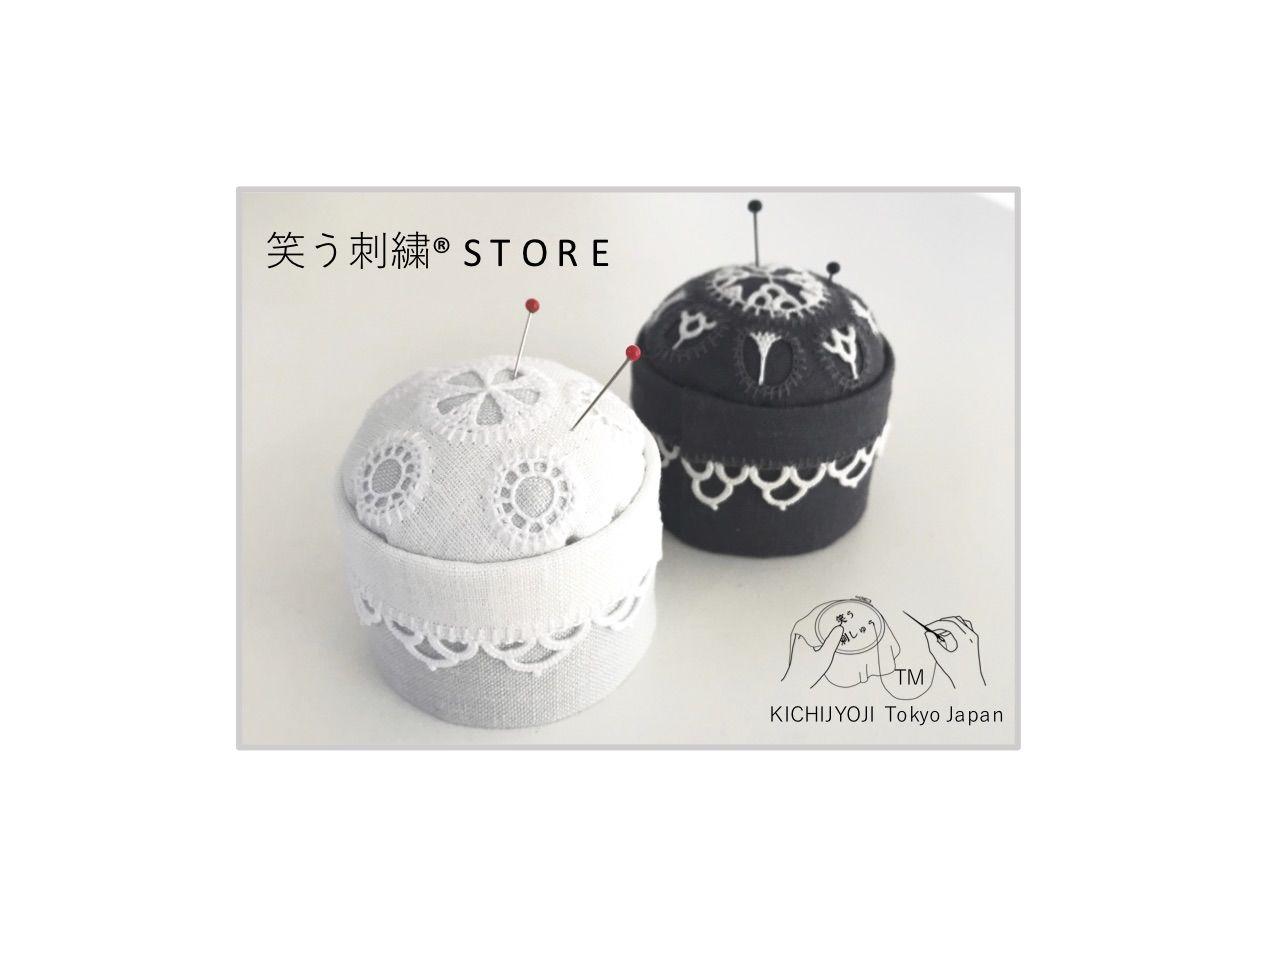 笑う刺繍 store